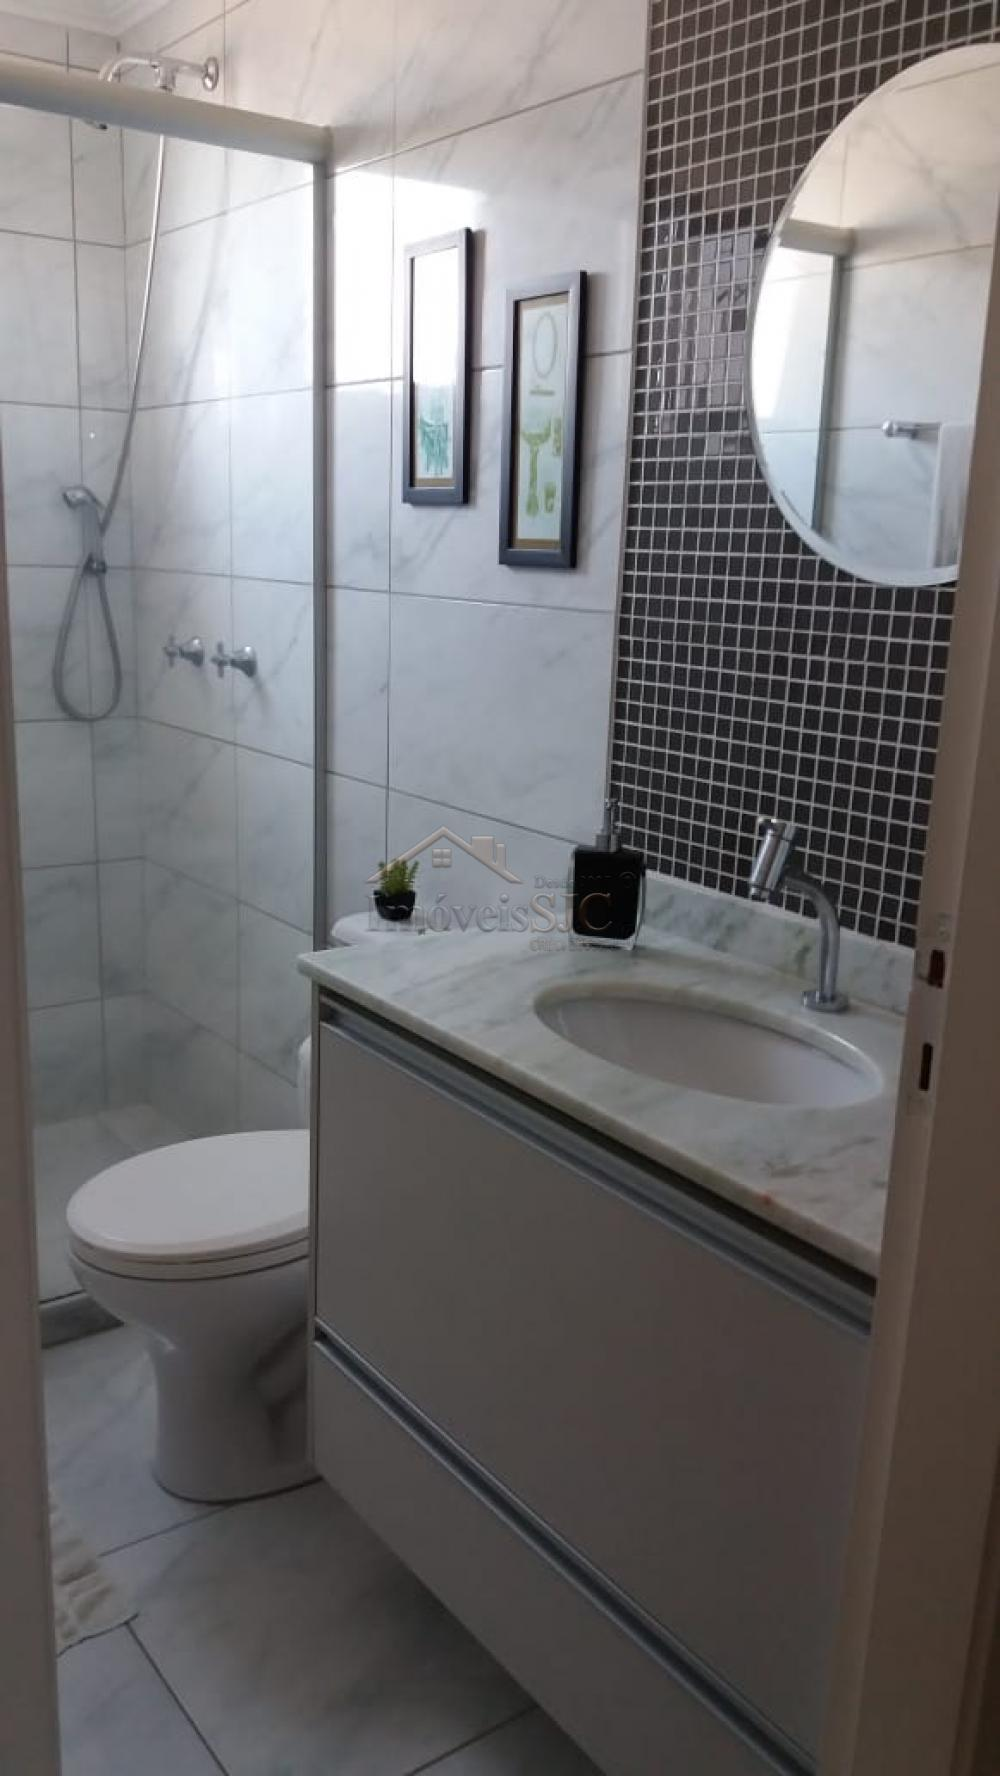 Comprar Apartamentos / Padrão em São José dos Campos apenas R$ 275.000,00 - Foto 12